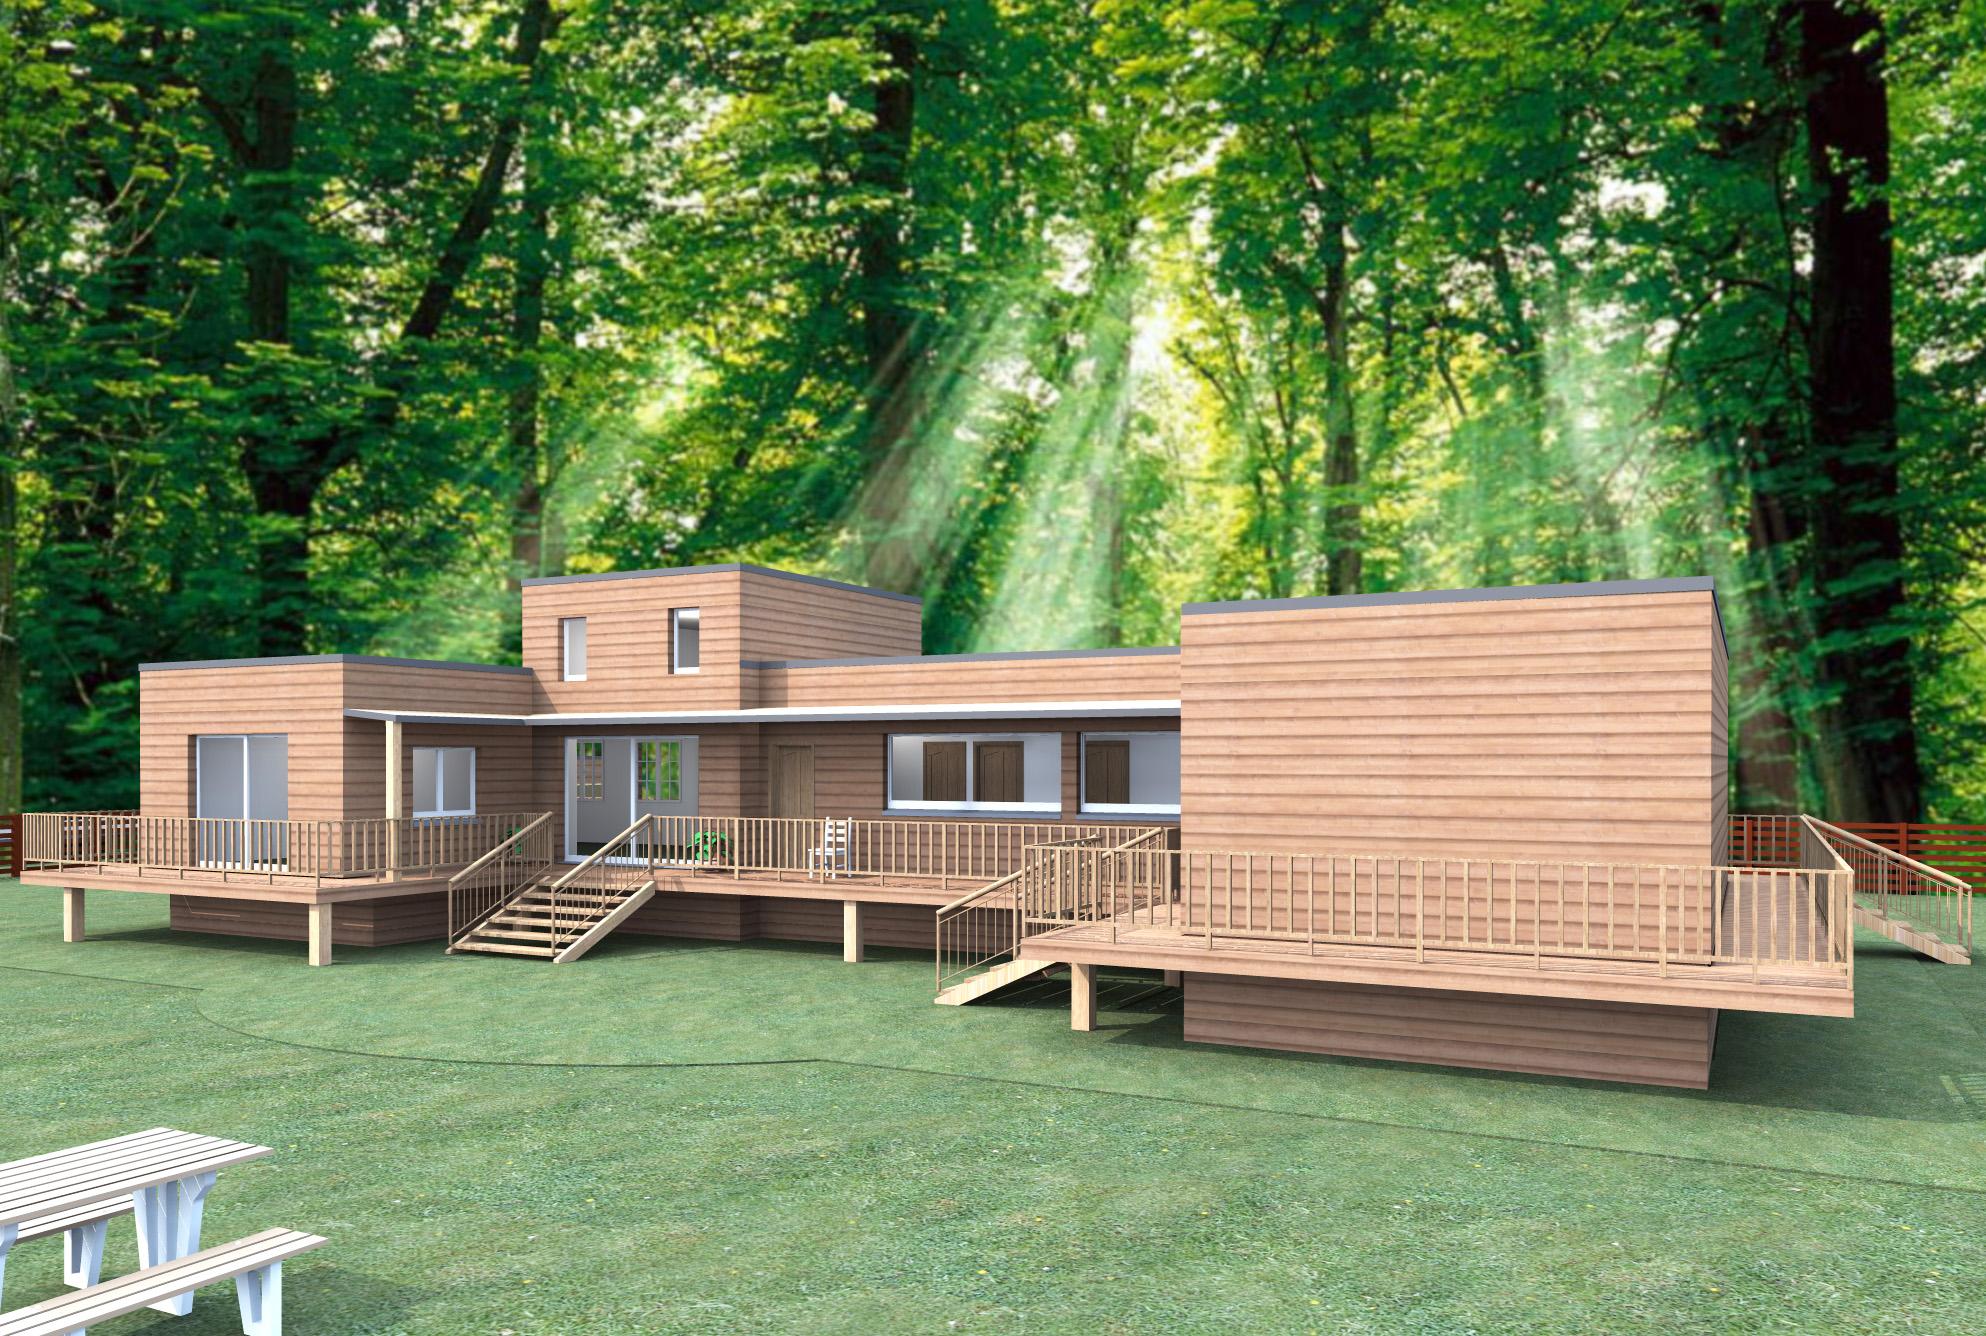 COULEUR MAISON CONSTRUCTION Notreétude pour une maison bois Ebene # Maison En Bois Nord